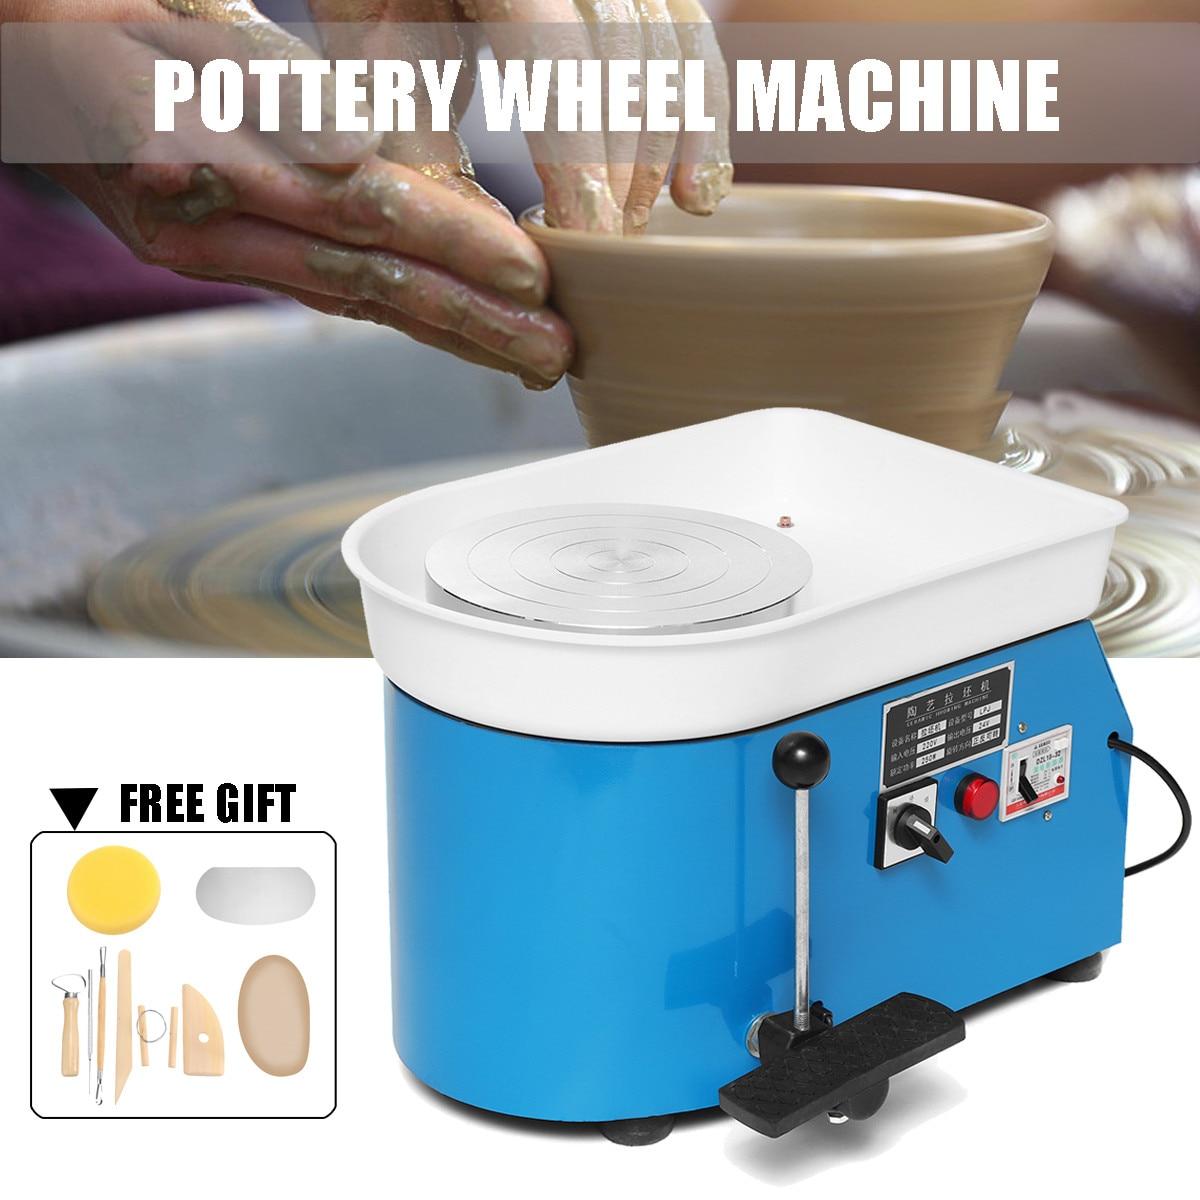 US élégant bleu électrique poterie roue Machine accessoire céramique argile outil pied pédale Art artisanat 250 W 110 V